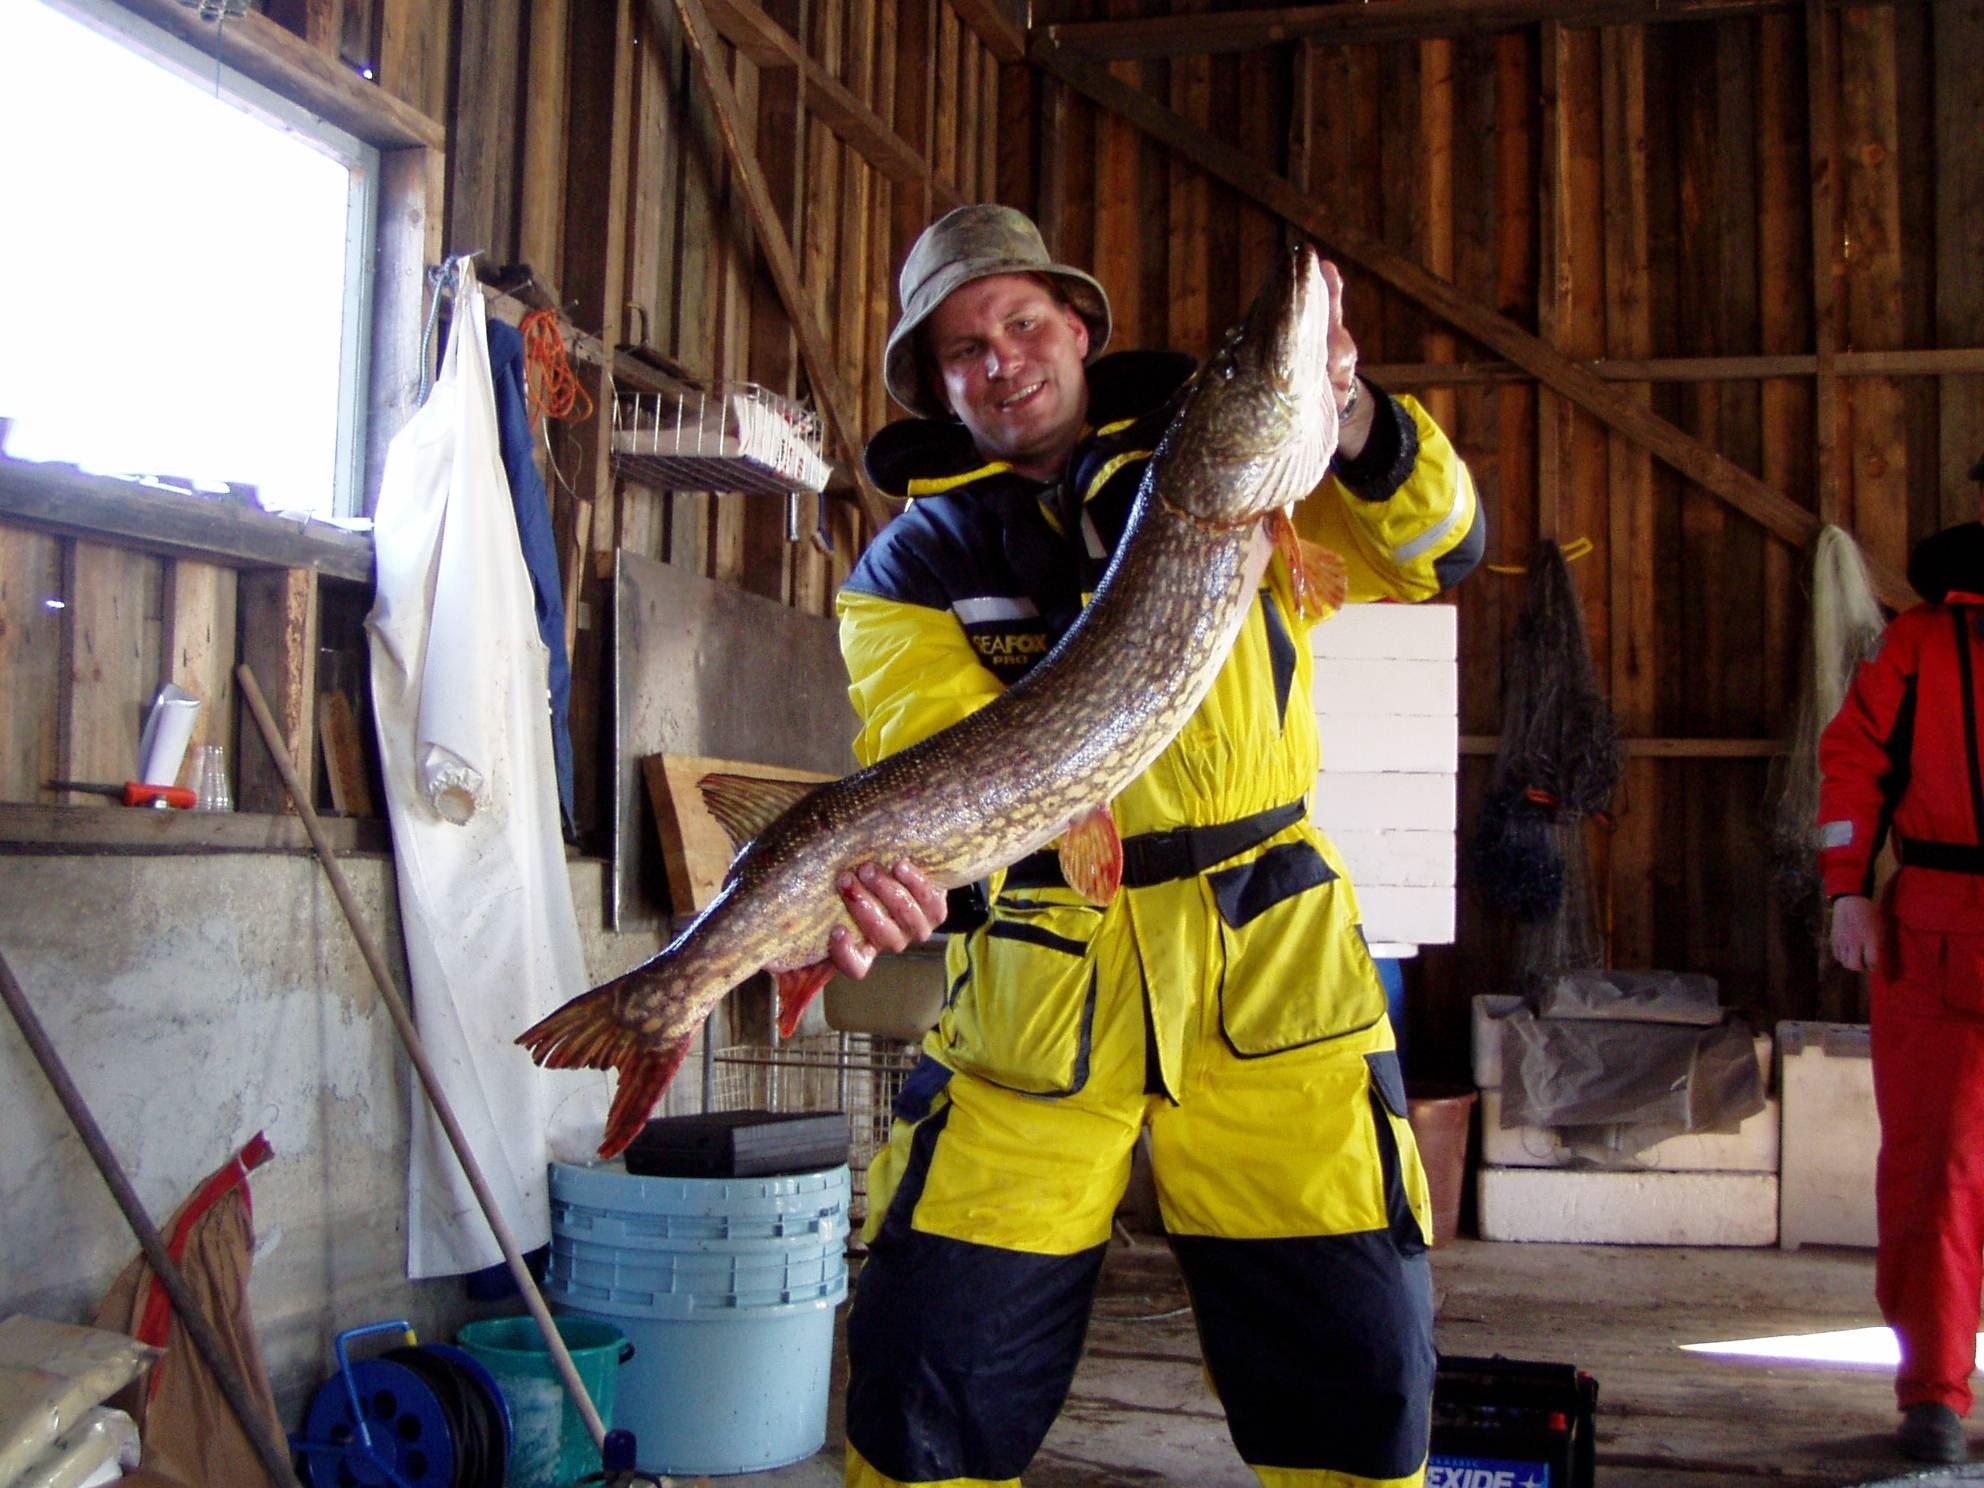 Fiskepaket: Stormskärs Värdshus, Vårdö